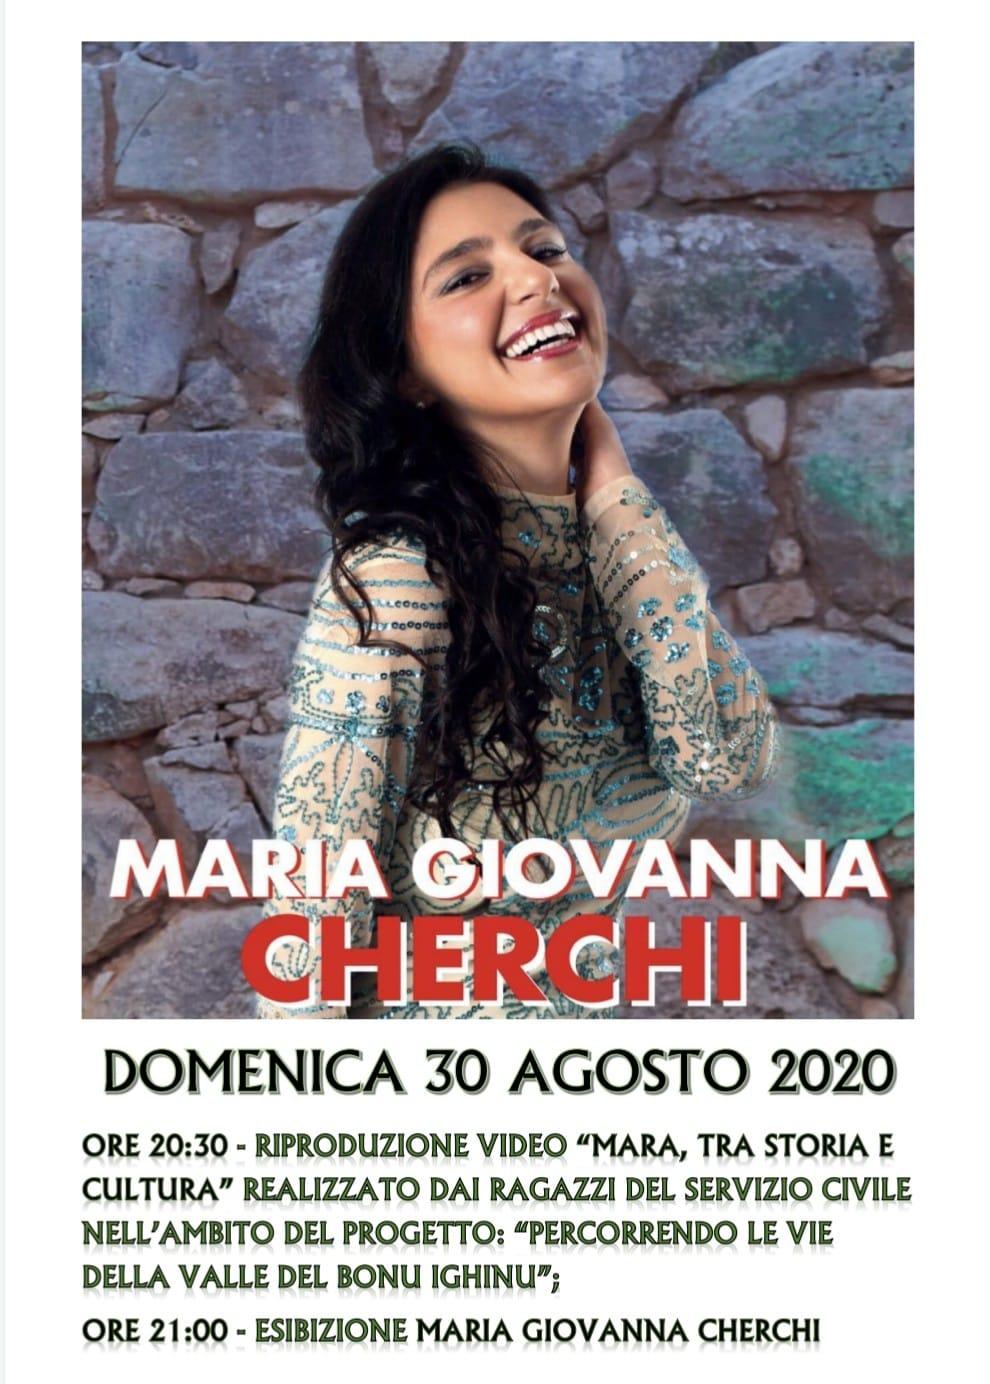 SERATA MUSICALE CON MARIA GIOVANNA CHERCHI